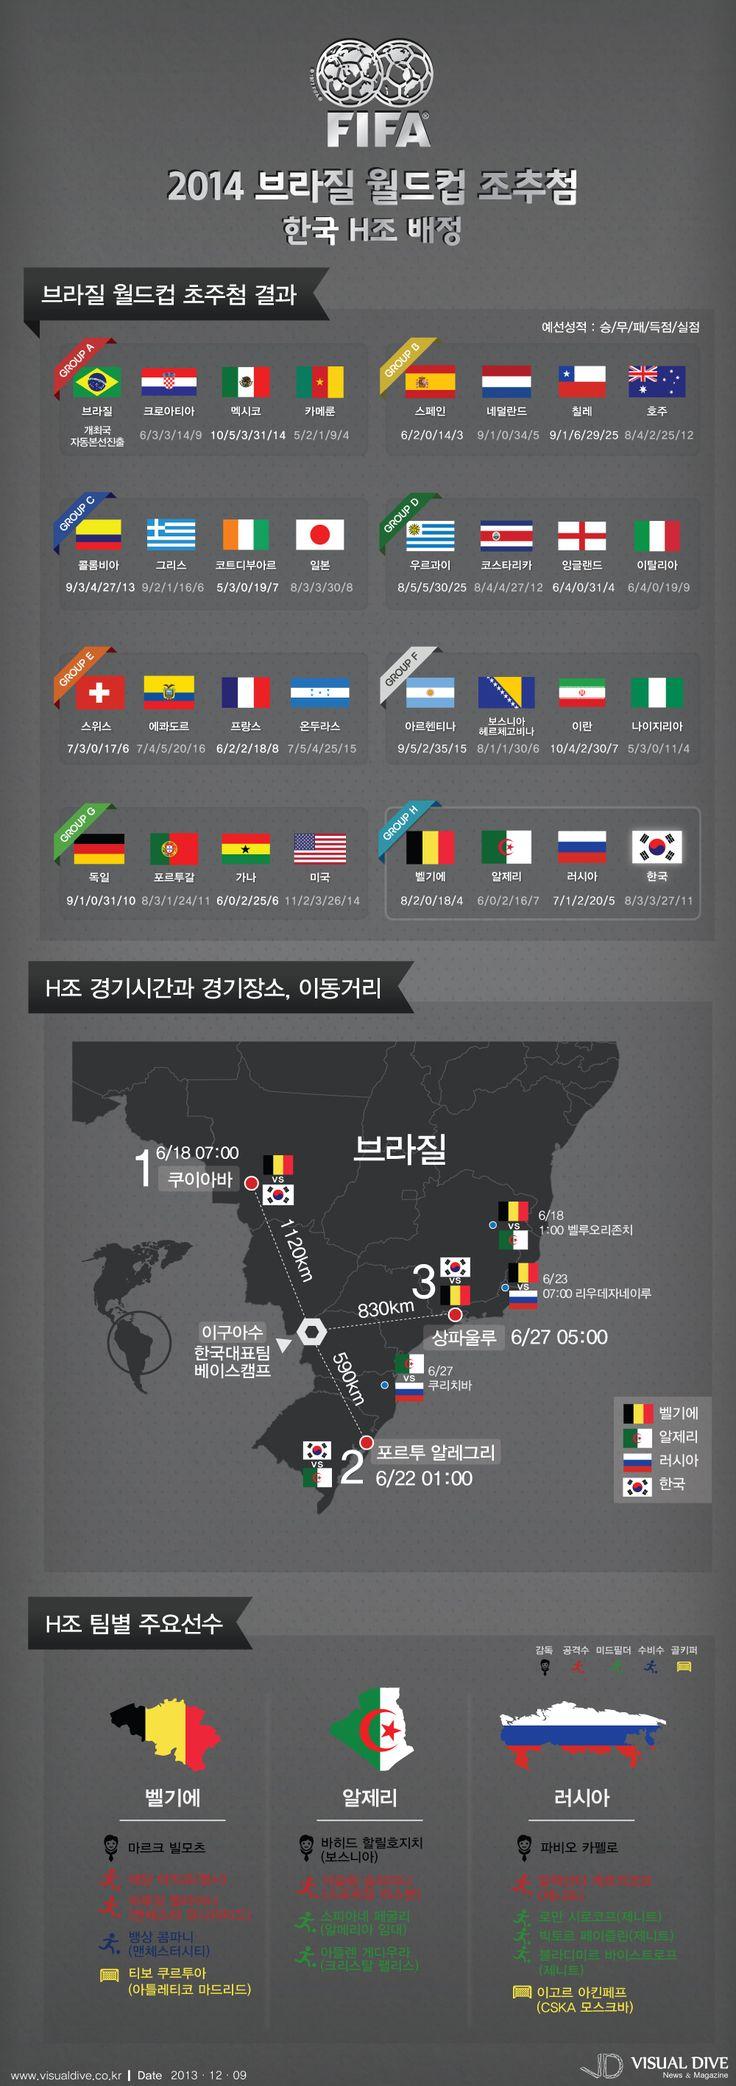 """[인포그래픽] 브라질 월드컵, 한국 H조 배정…16강 진출팀은? #worldcup / #Infographic"""" ⓒ 비주얼다이브 무단 복사·전재·재배포 금지"""